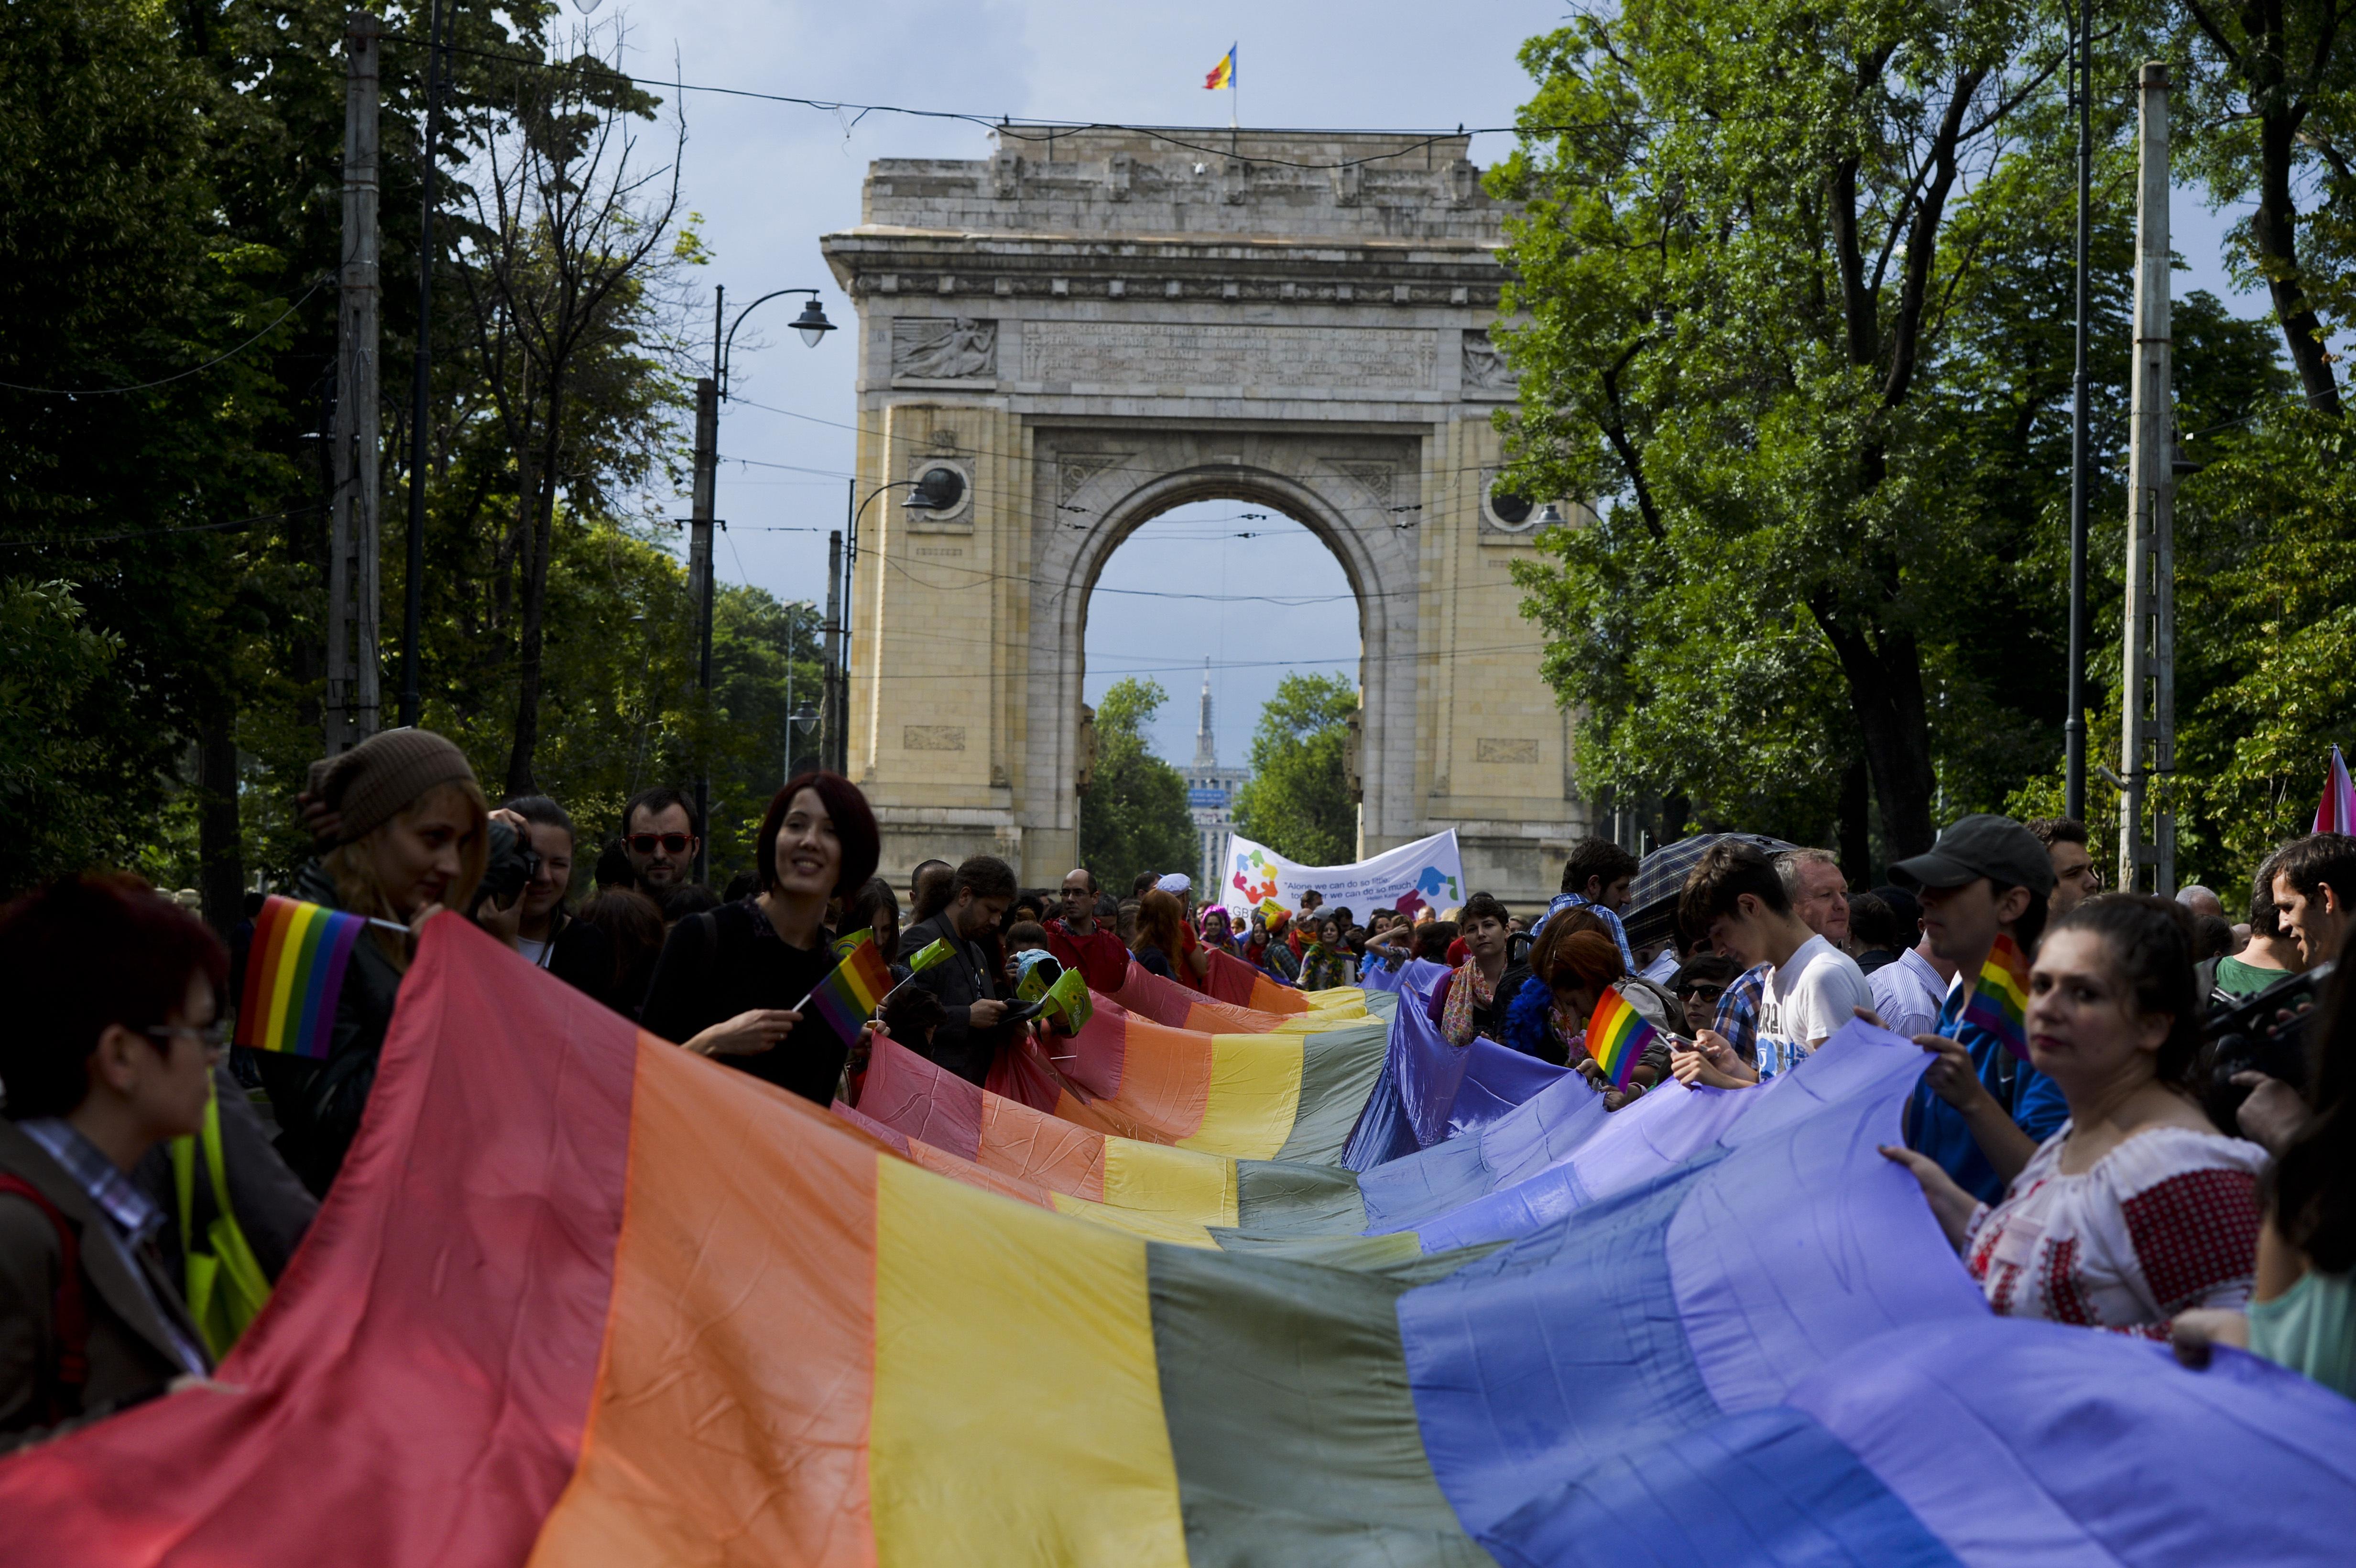 FABULOS! Ce se intampla cand DOI HOMOSEXUALI ajung in Parlamentul Romaniei. Reactia alesilor este uluitoare